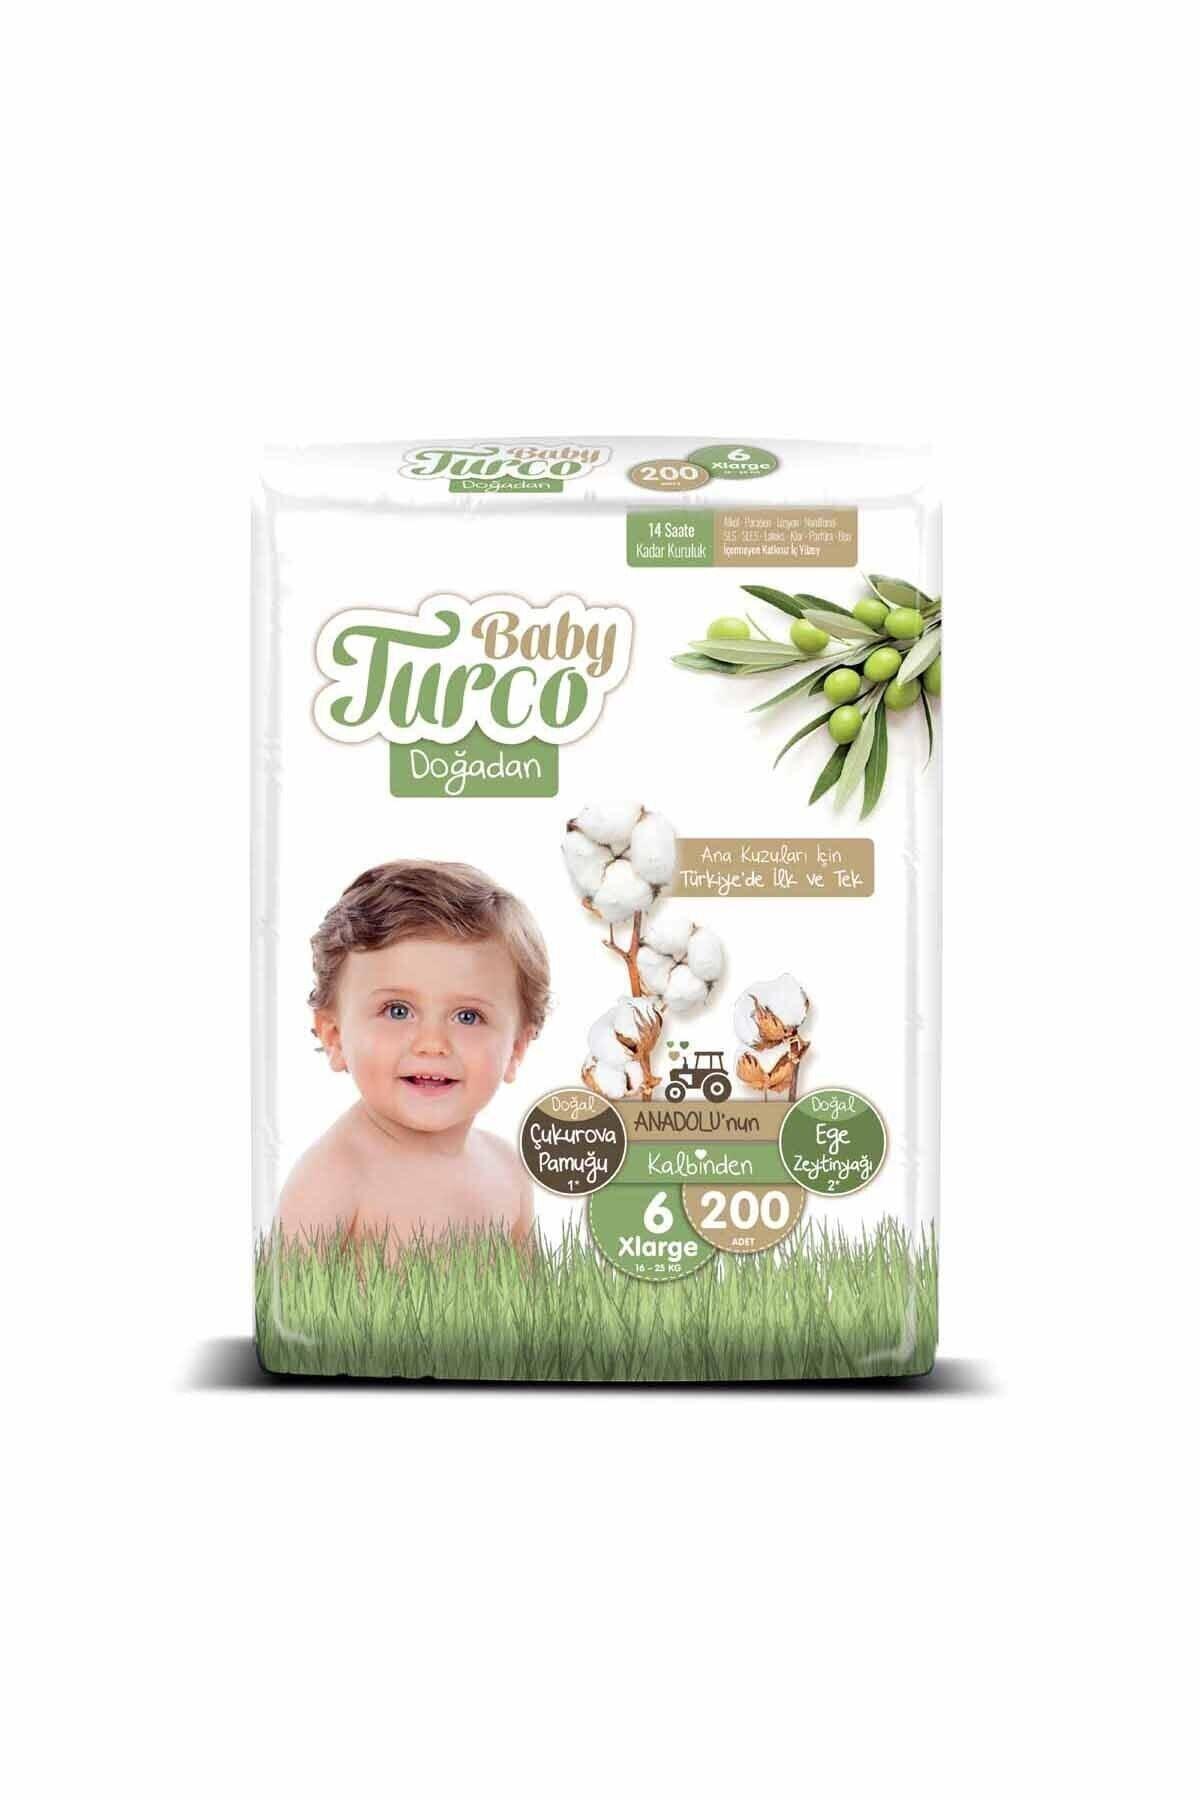 Baby Turco Doğadan 6 Numara Xlarge 200 Adet Bebek Bezi 2